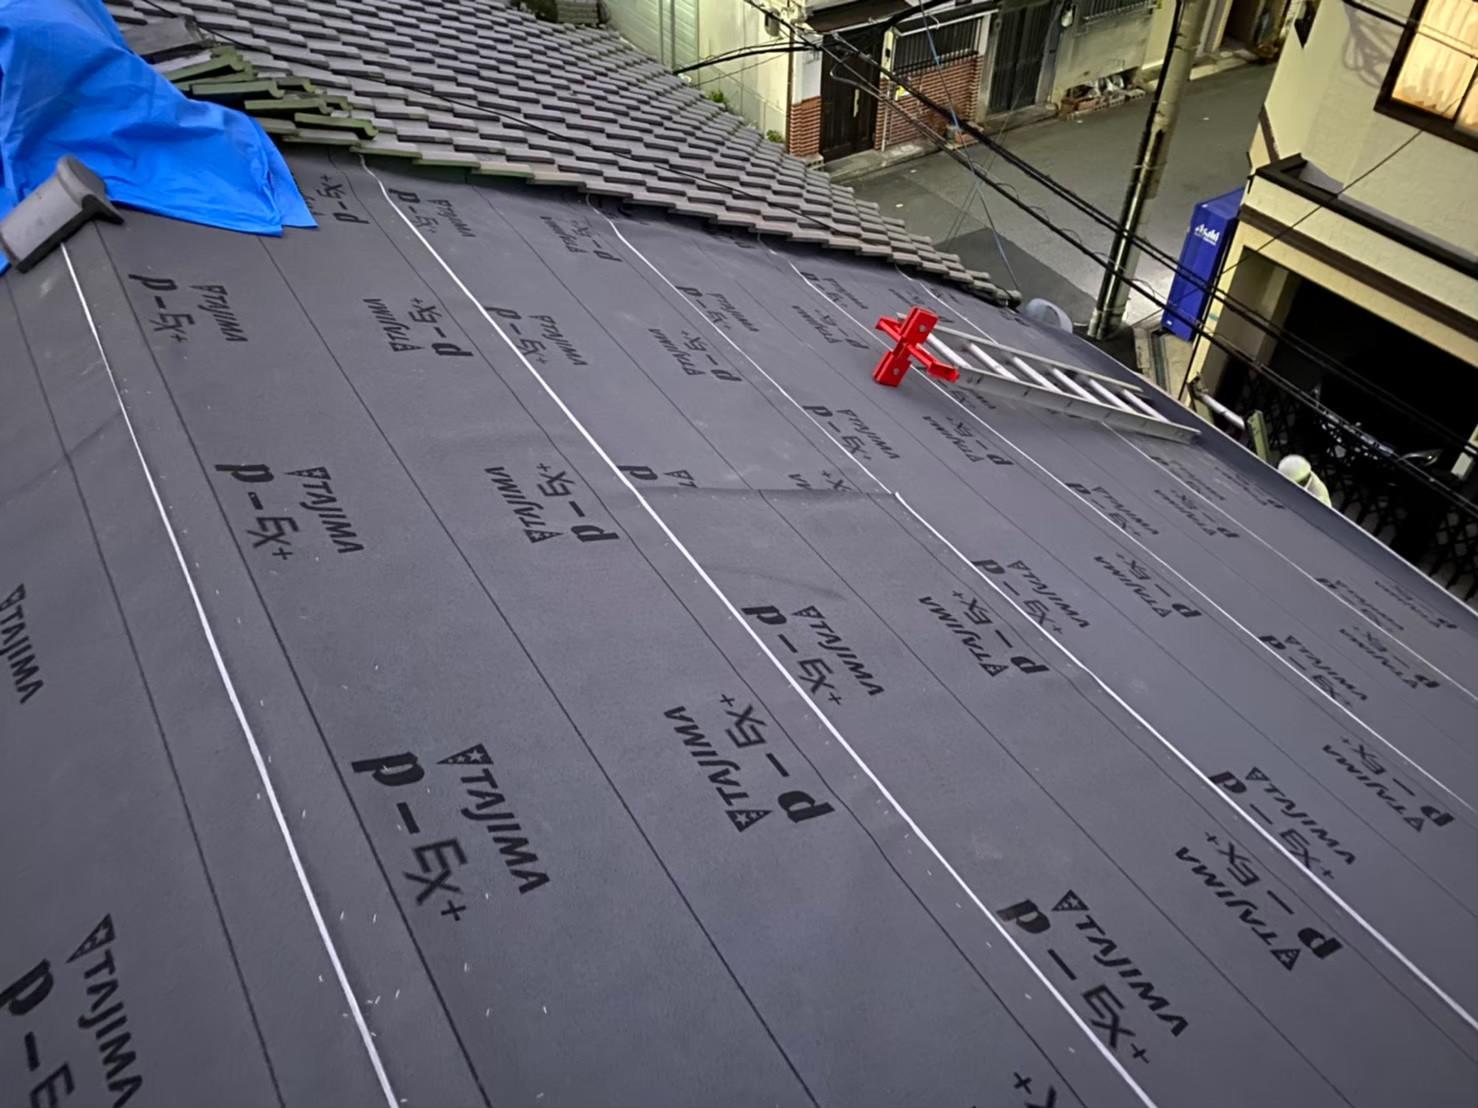 奈良市の瓦屋根葺き替え工事で防水紙を設置した様子